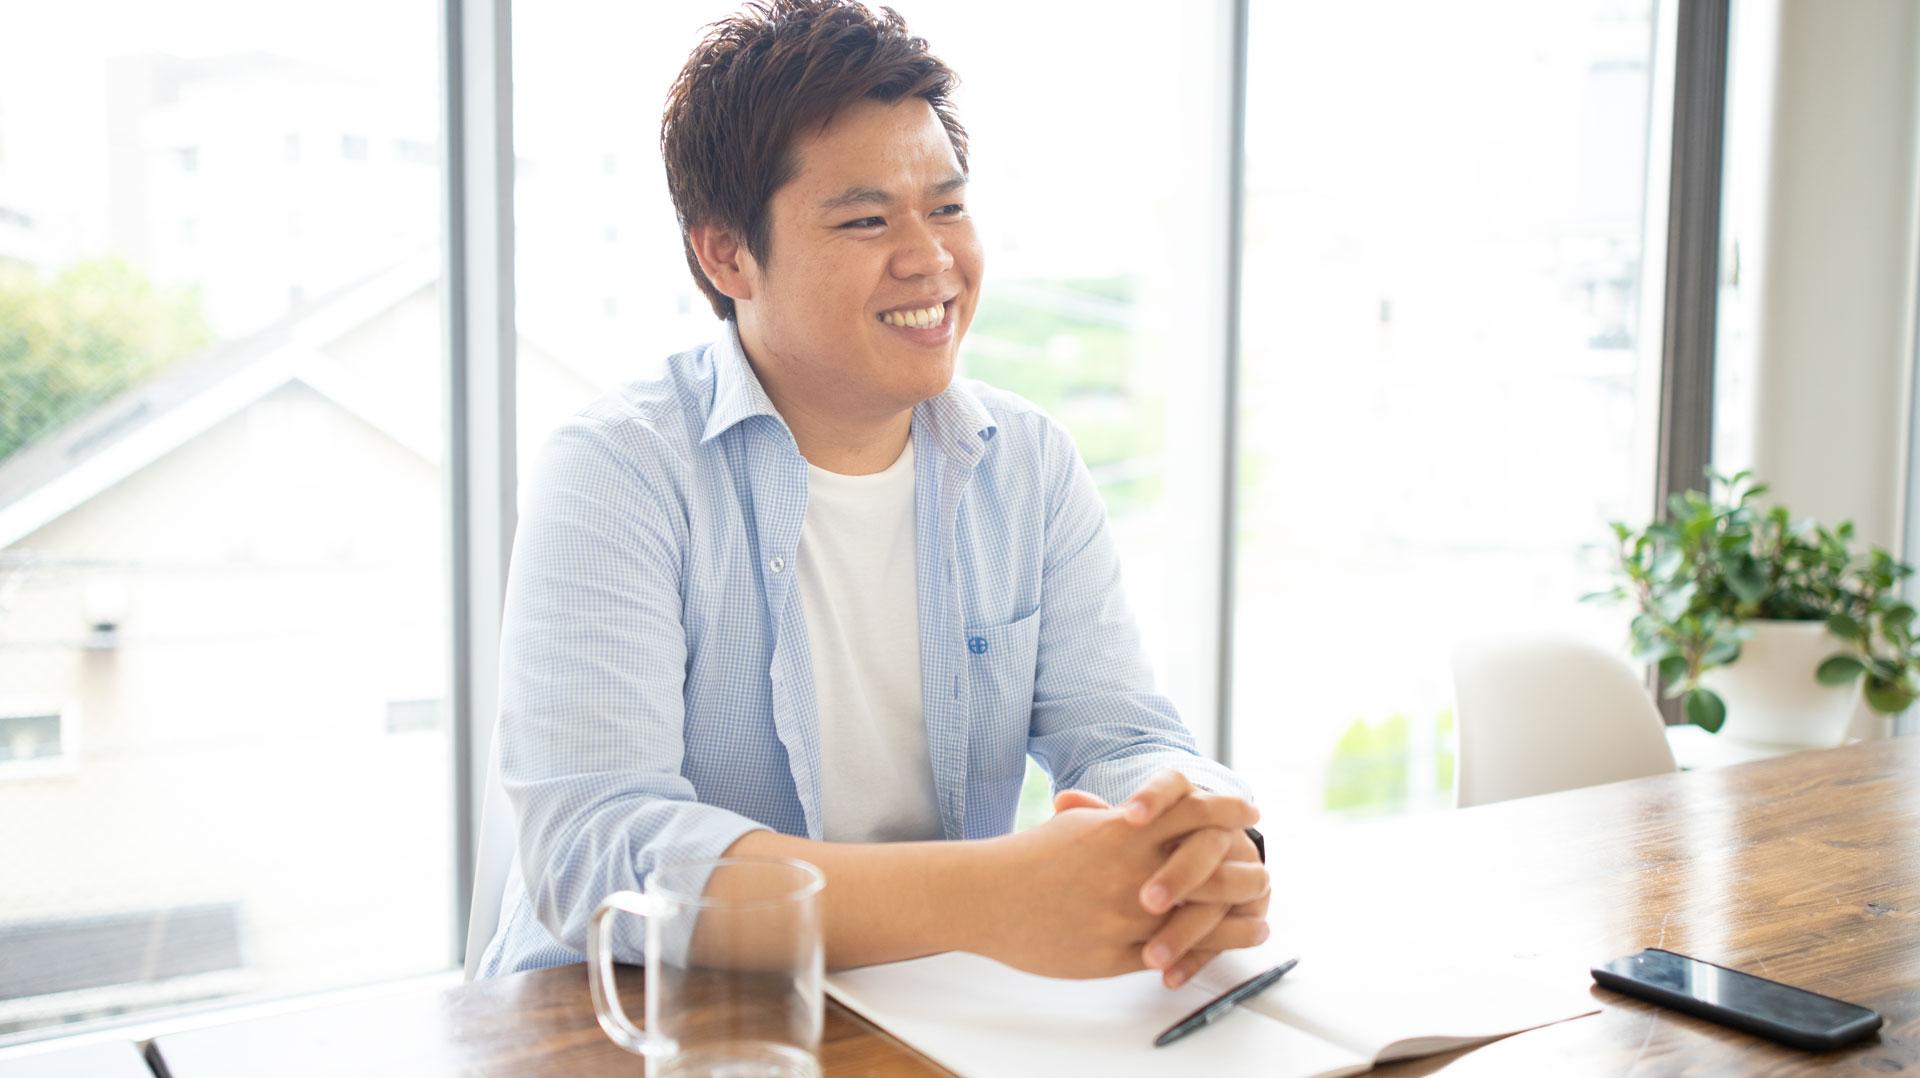 Sai Htaung Kham サイ・タウン・カン  グリニッジ大学のビジネスインフォメーションテクノロジー科を修了、ヤンゴンコンピュータ大学のコンピュータ科学科を優秀な成績で卒業。機械による視覚情報の認識・理解で世界を読み解くモデル構築に造詣が深く、現在はコンピュータービジョンを扱うAIエンジニアとしてZEPPELINに勤務。前職ではインフラエンジニアとして働き、サーバー、ネットワーク、ミドルウェアなどについて広範な知識を有する。